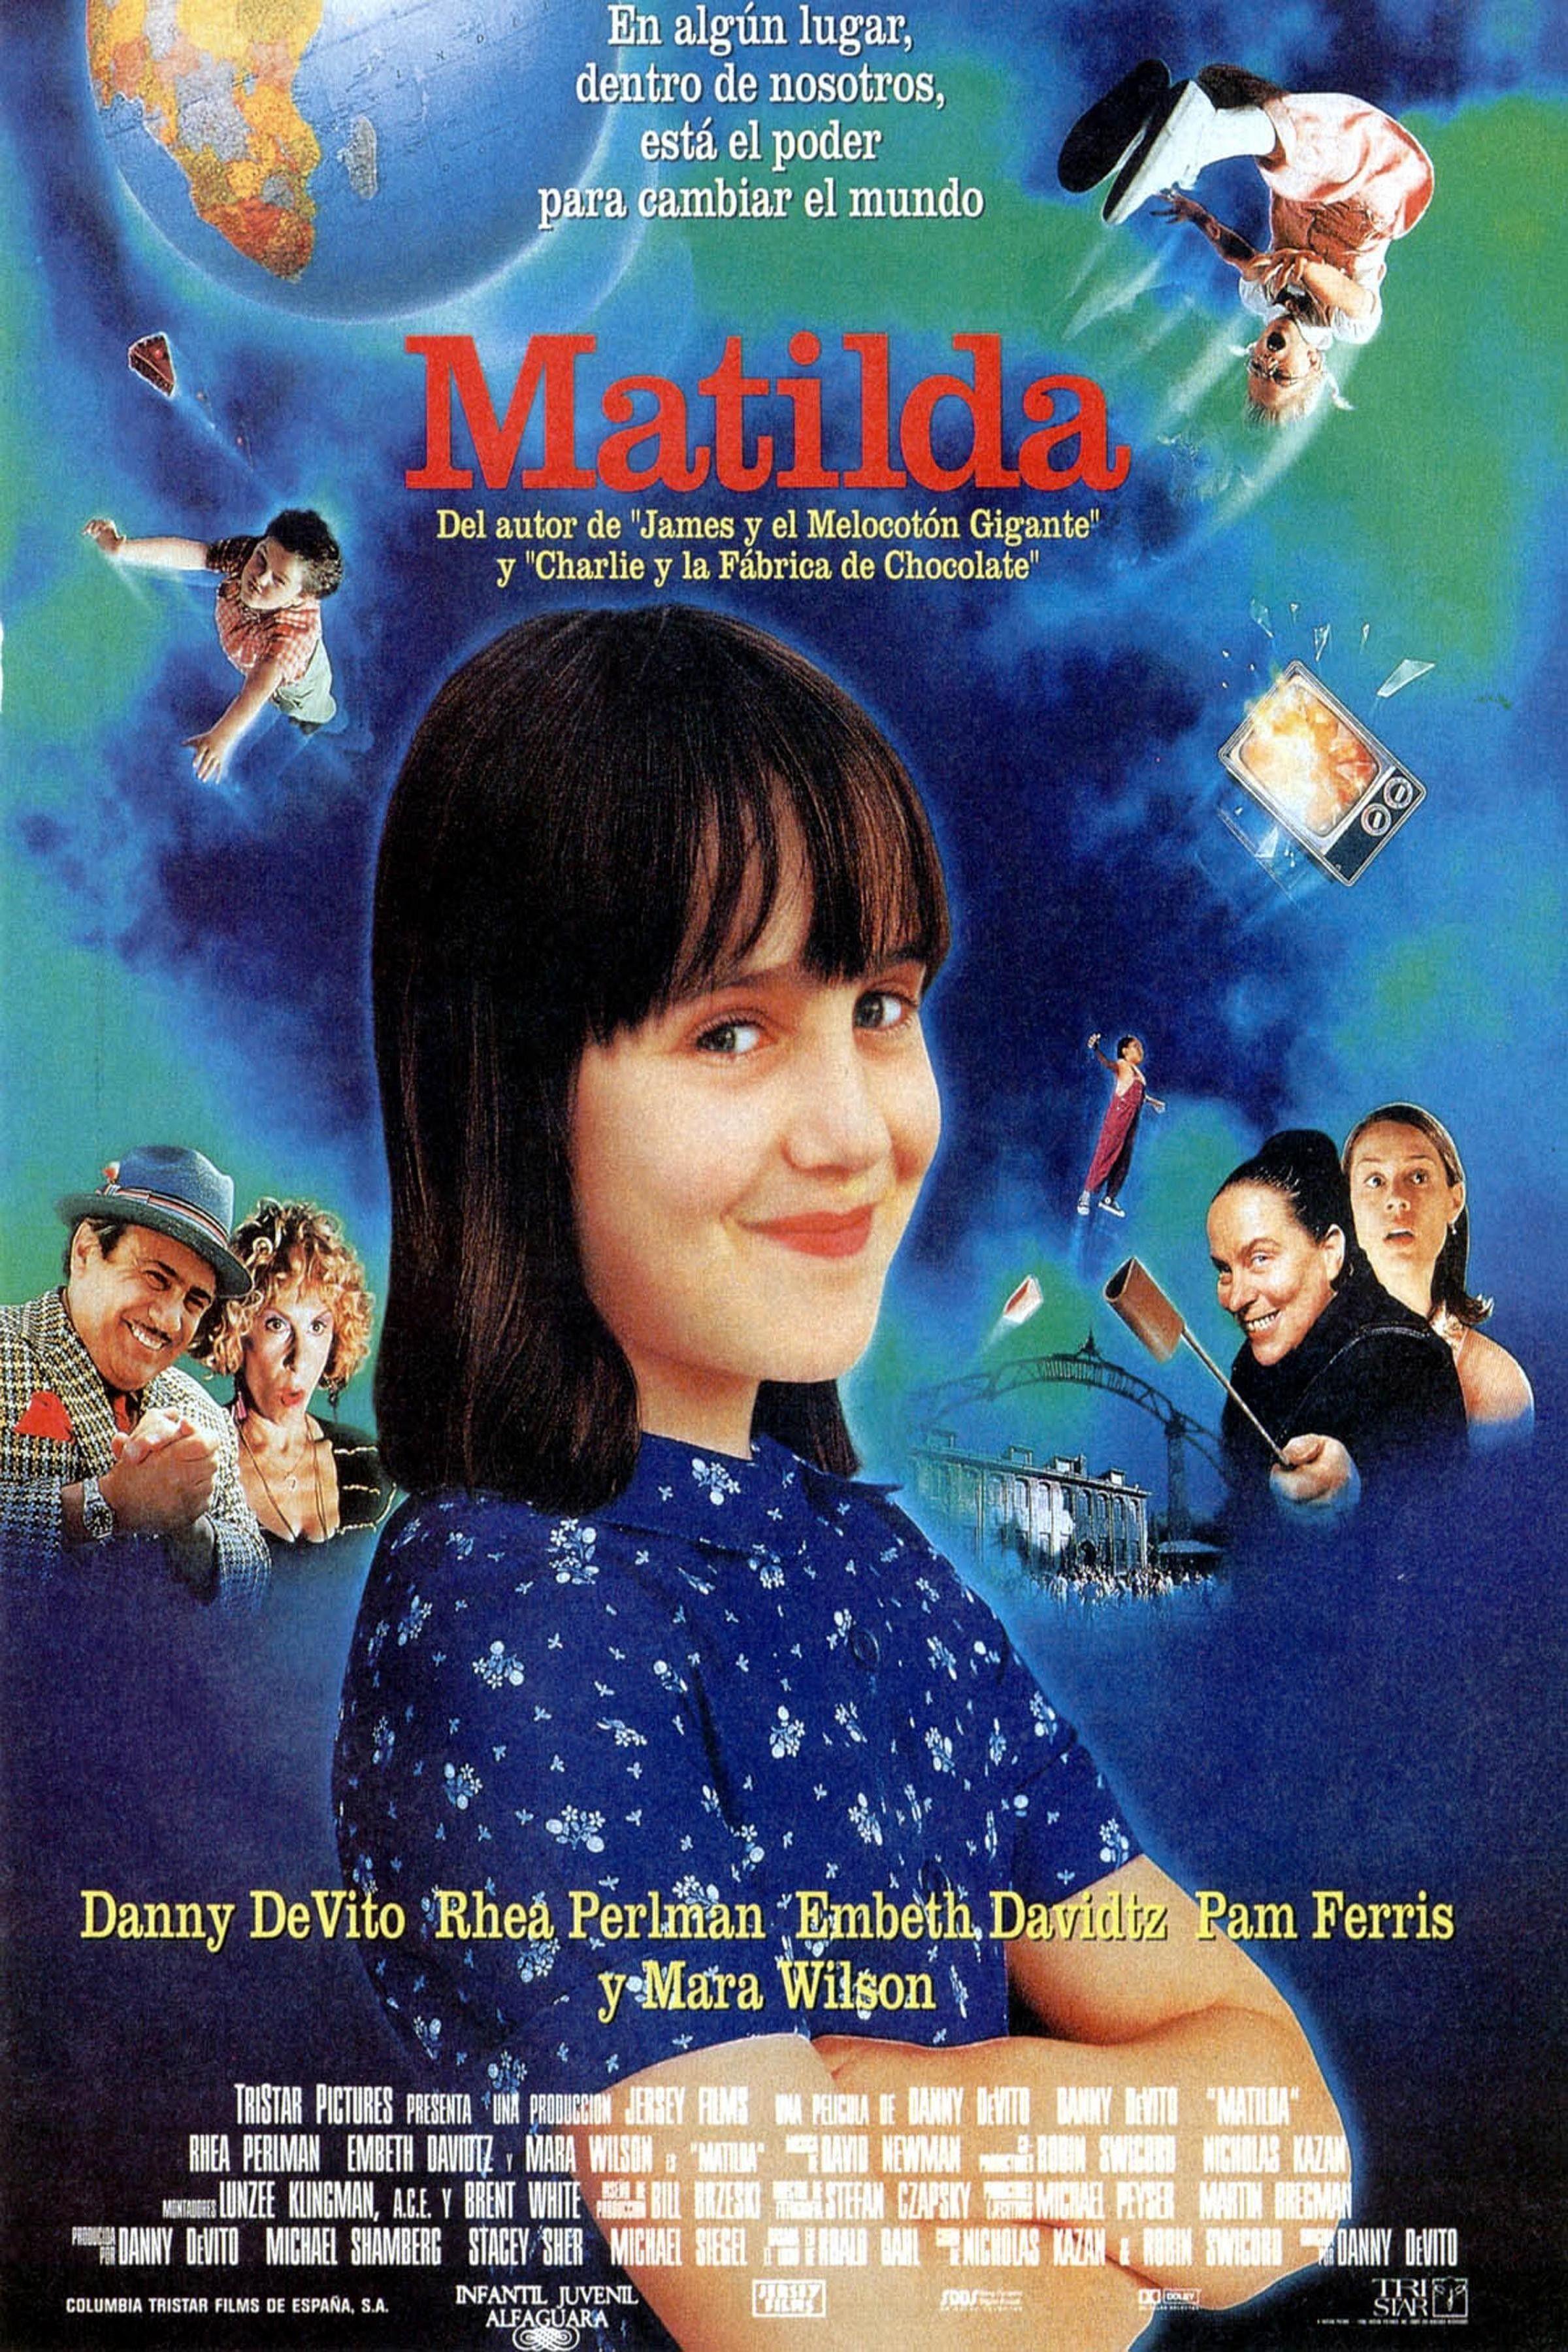 Matilda 1996 By Danny Devito Moovida Db Share And Play Ver Peliculas Peliculas De Halloween El Nino Pelicula